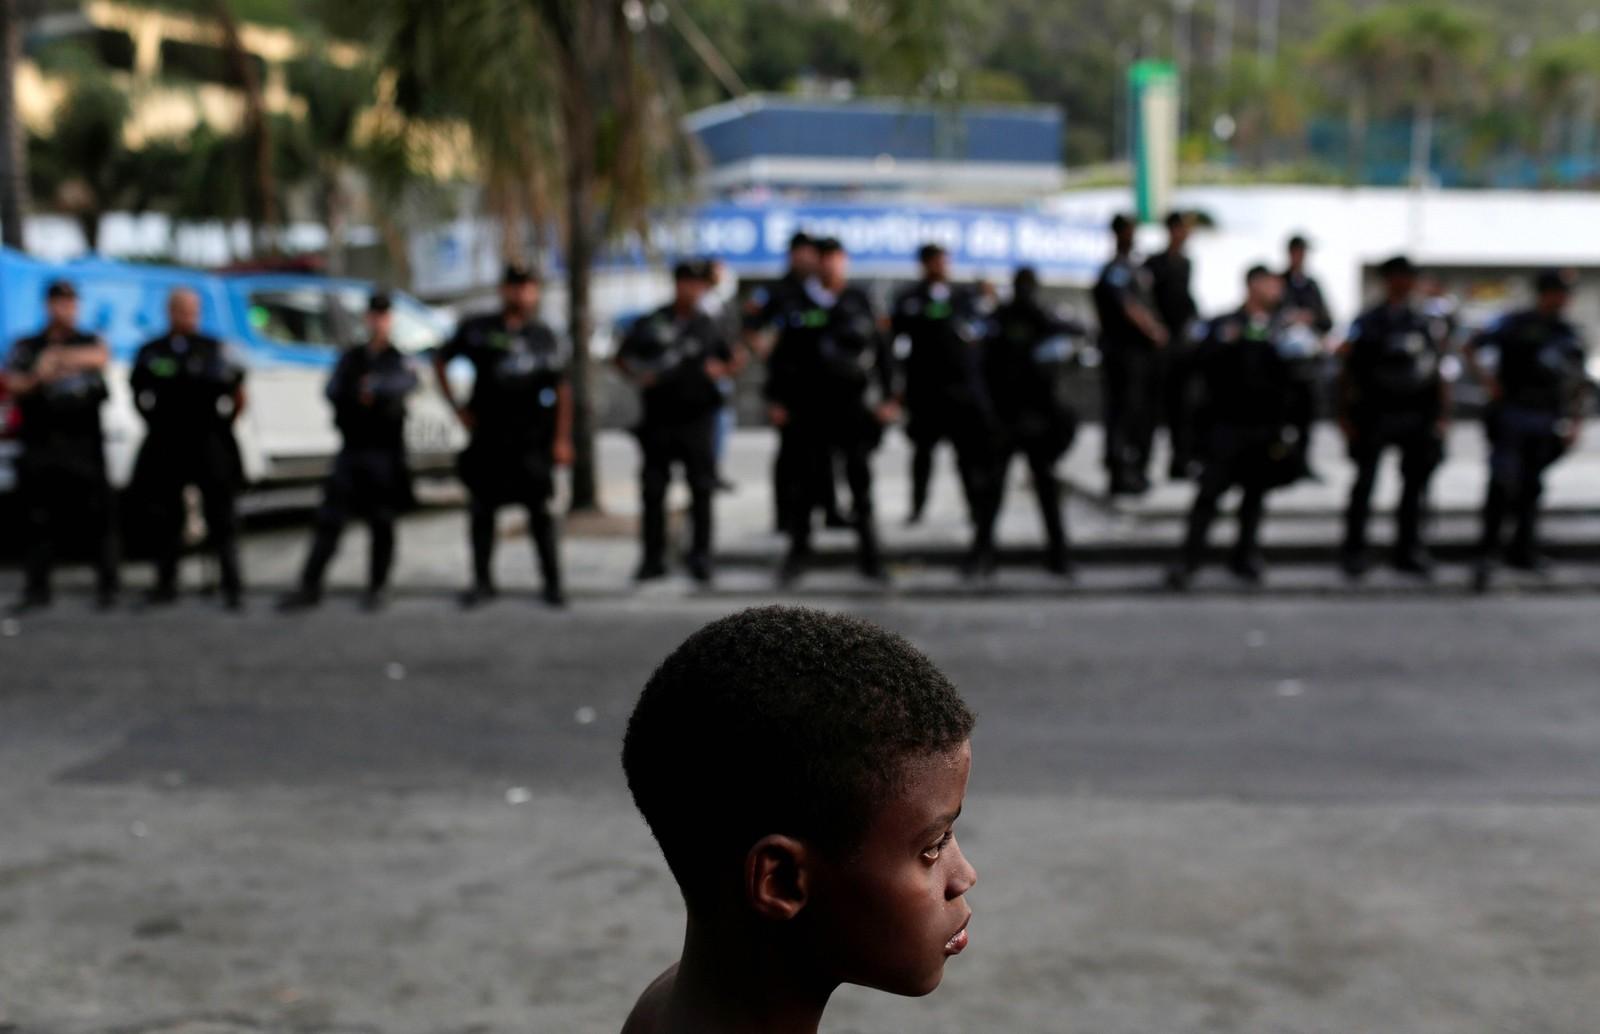 En gutt er med på en demonstrasjon mot politibrutalitet i Rio de Janeiro.